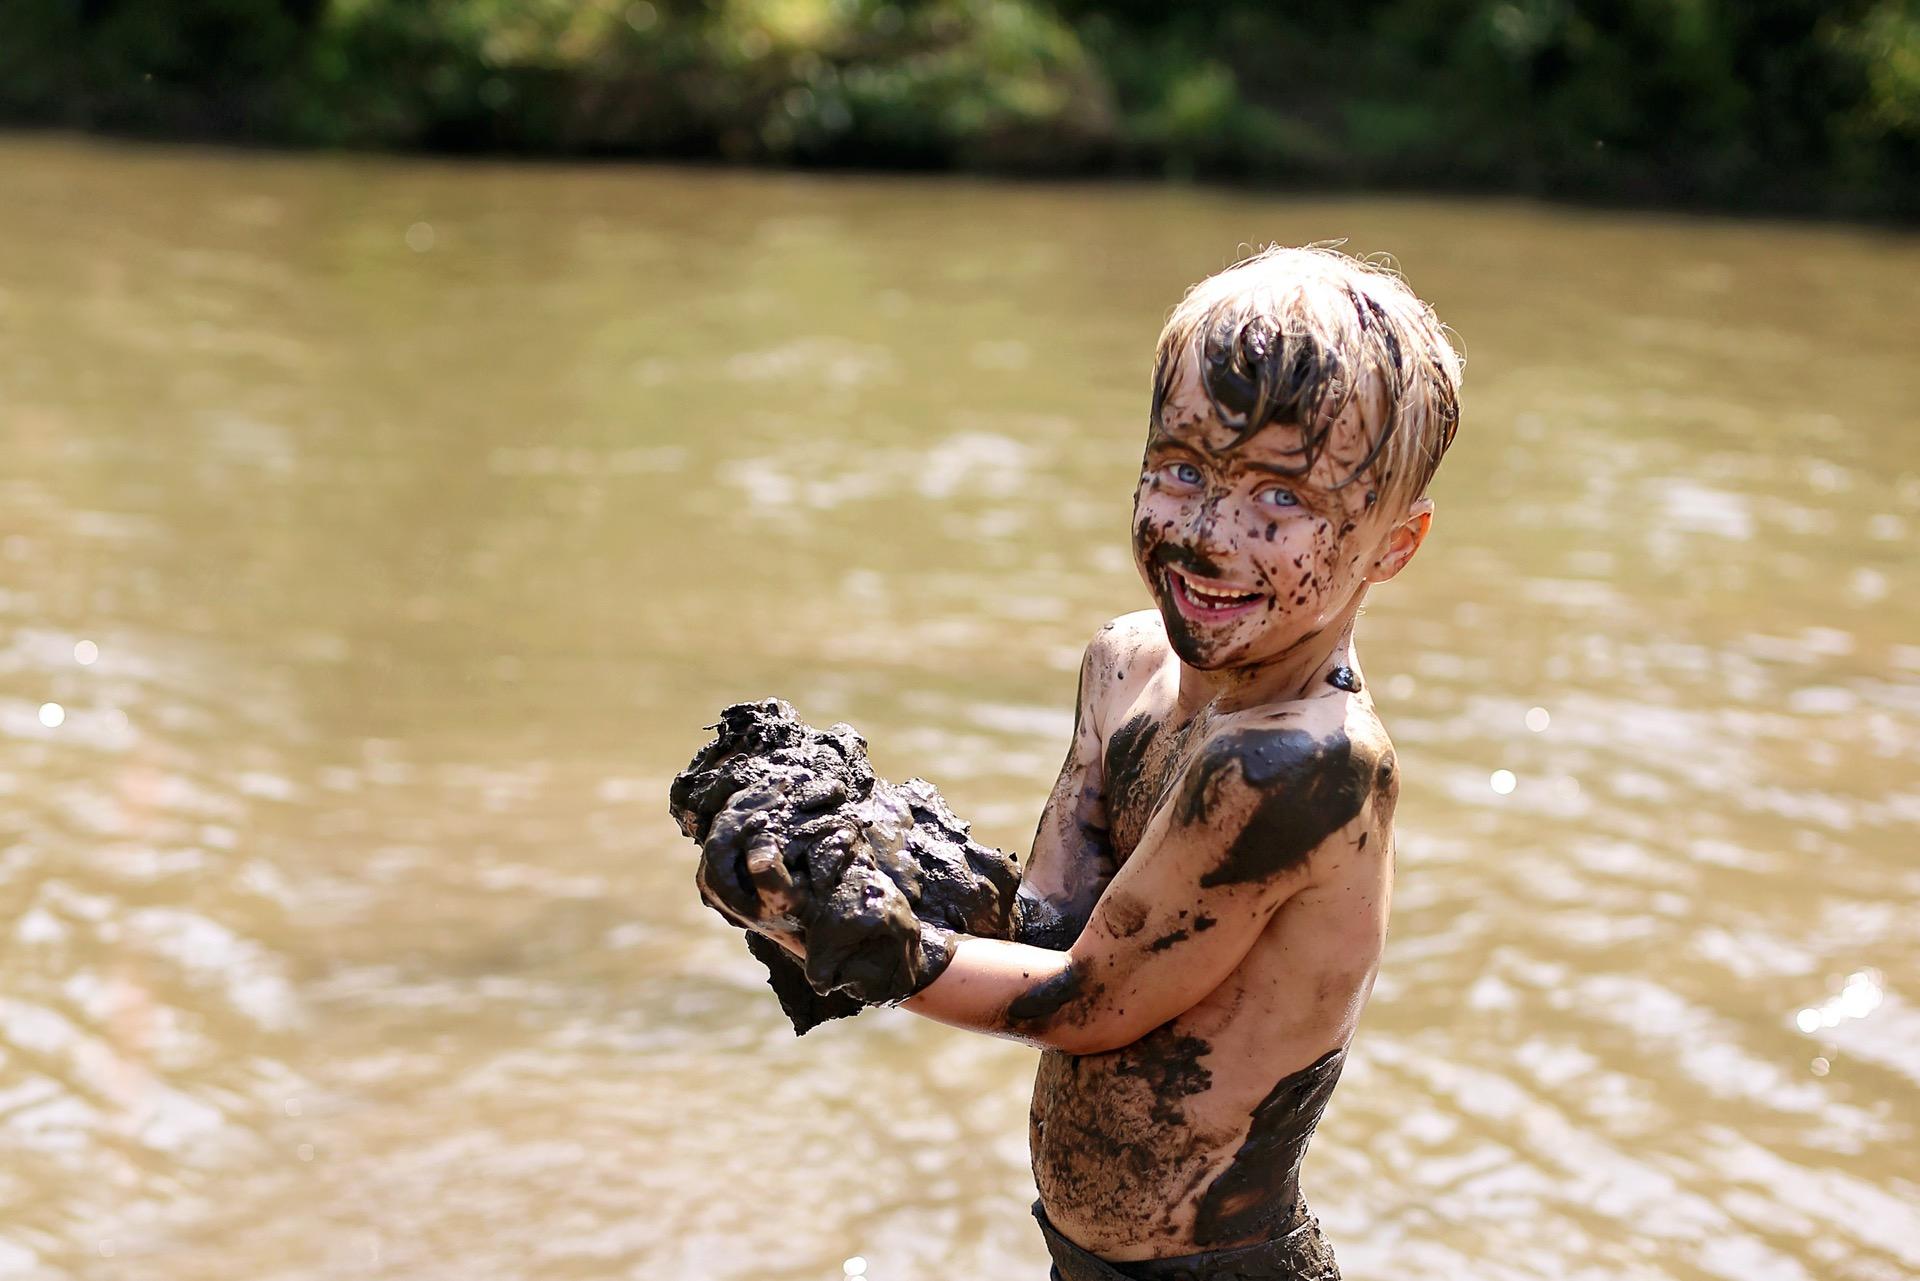 Dreck Schmutz ist gut für Kinder